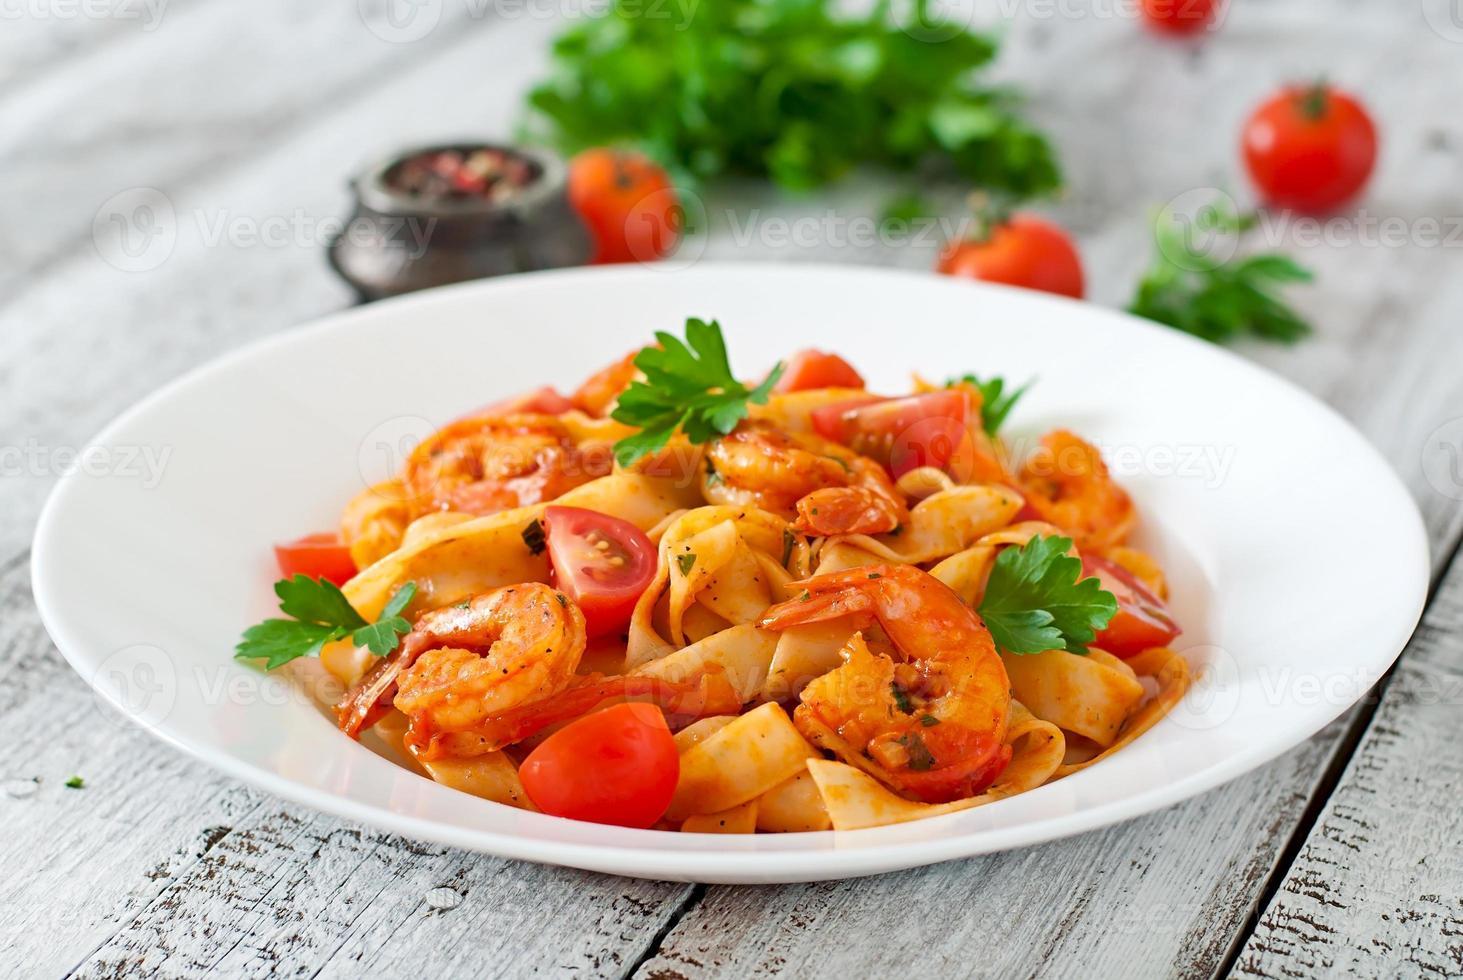 pasta fettuccine con camarones, tomates y hierbas foto